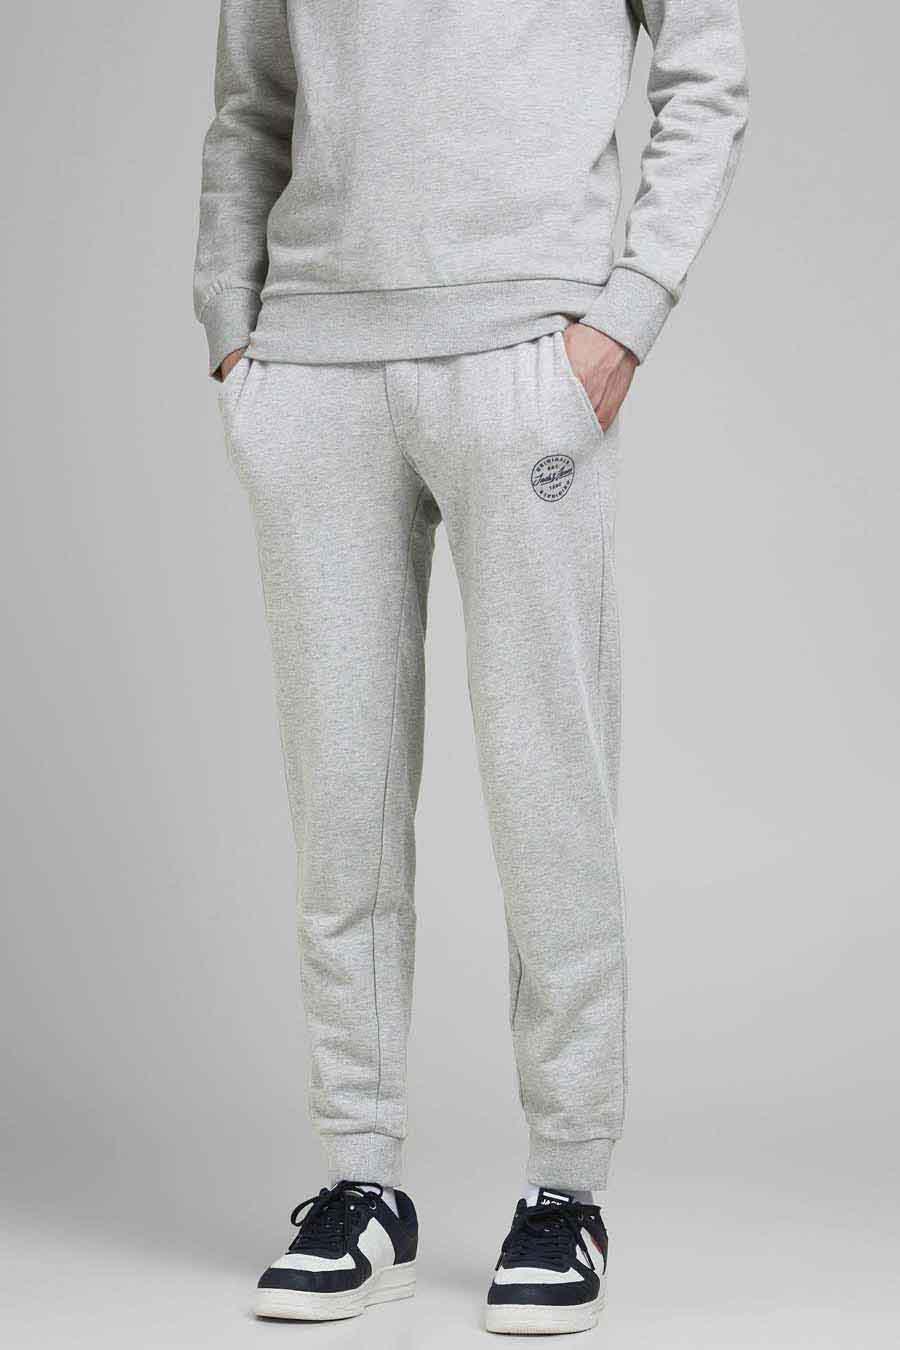 Jack & Jones Jeans Intelligence Jogging, Grijs, Heren, Maat: L/M/S/XL